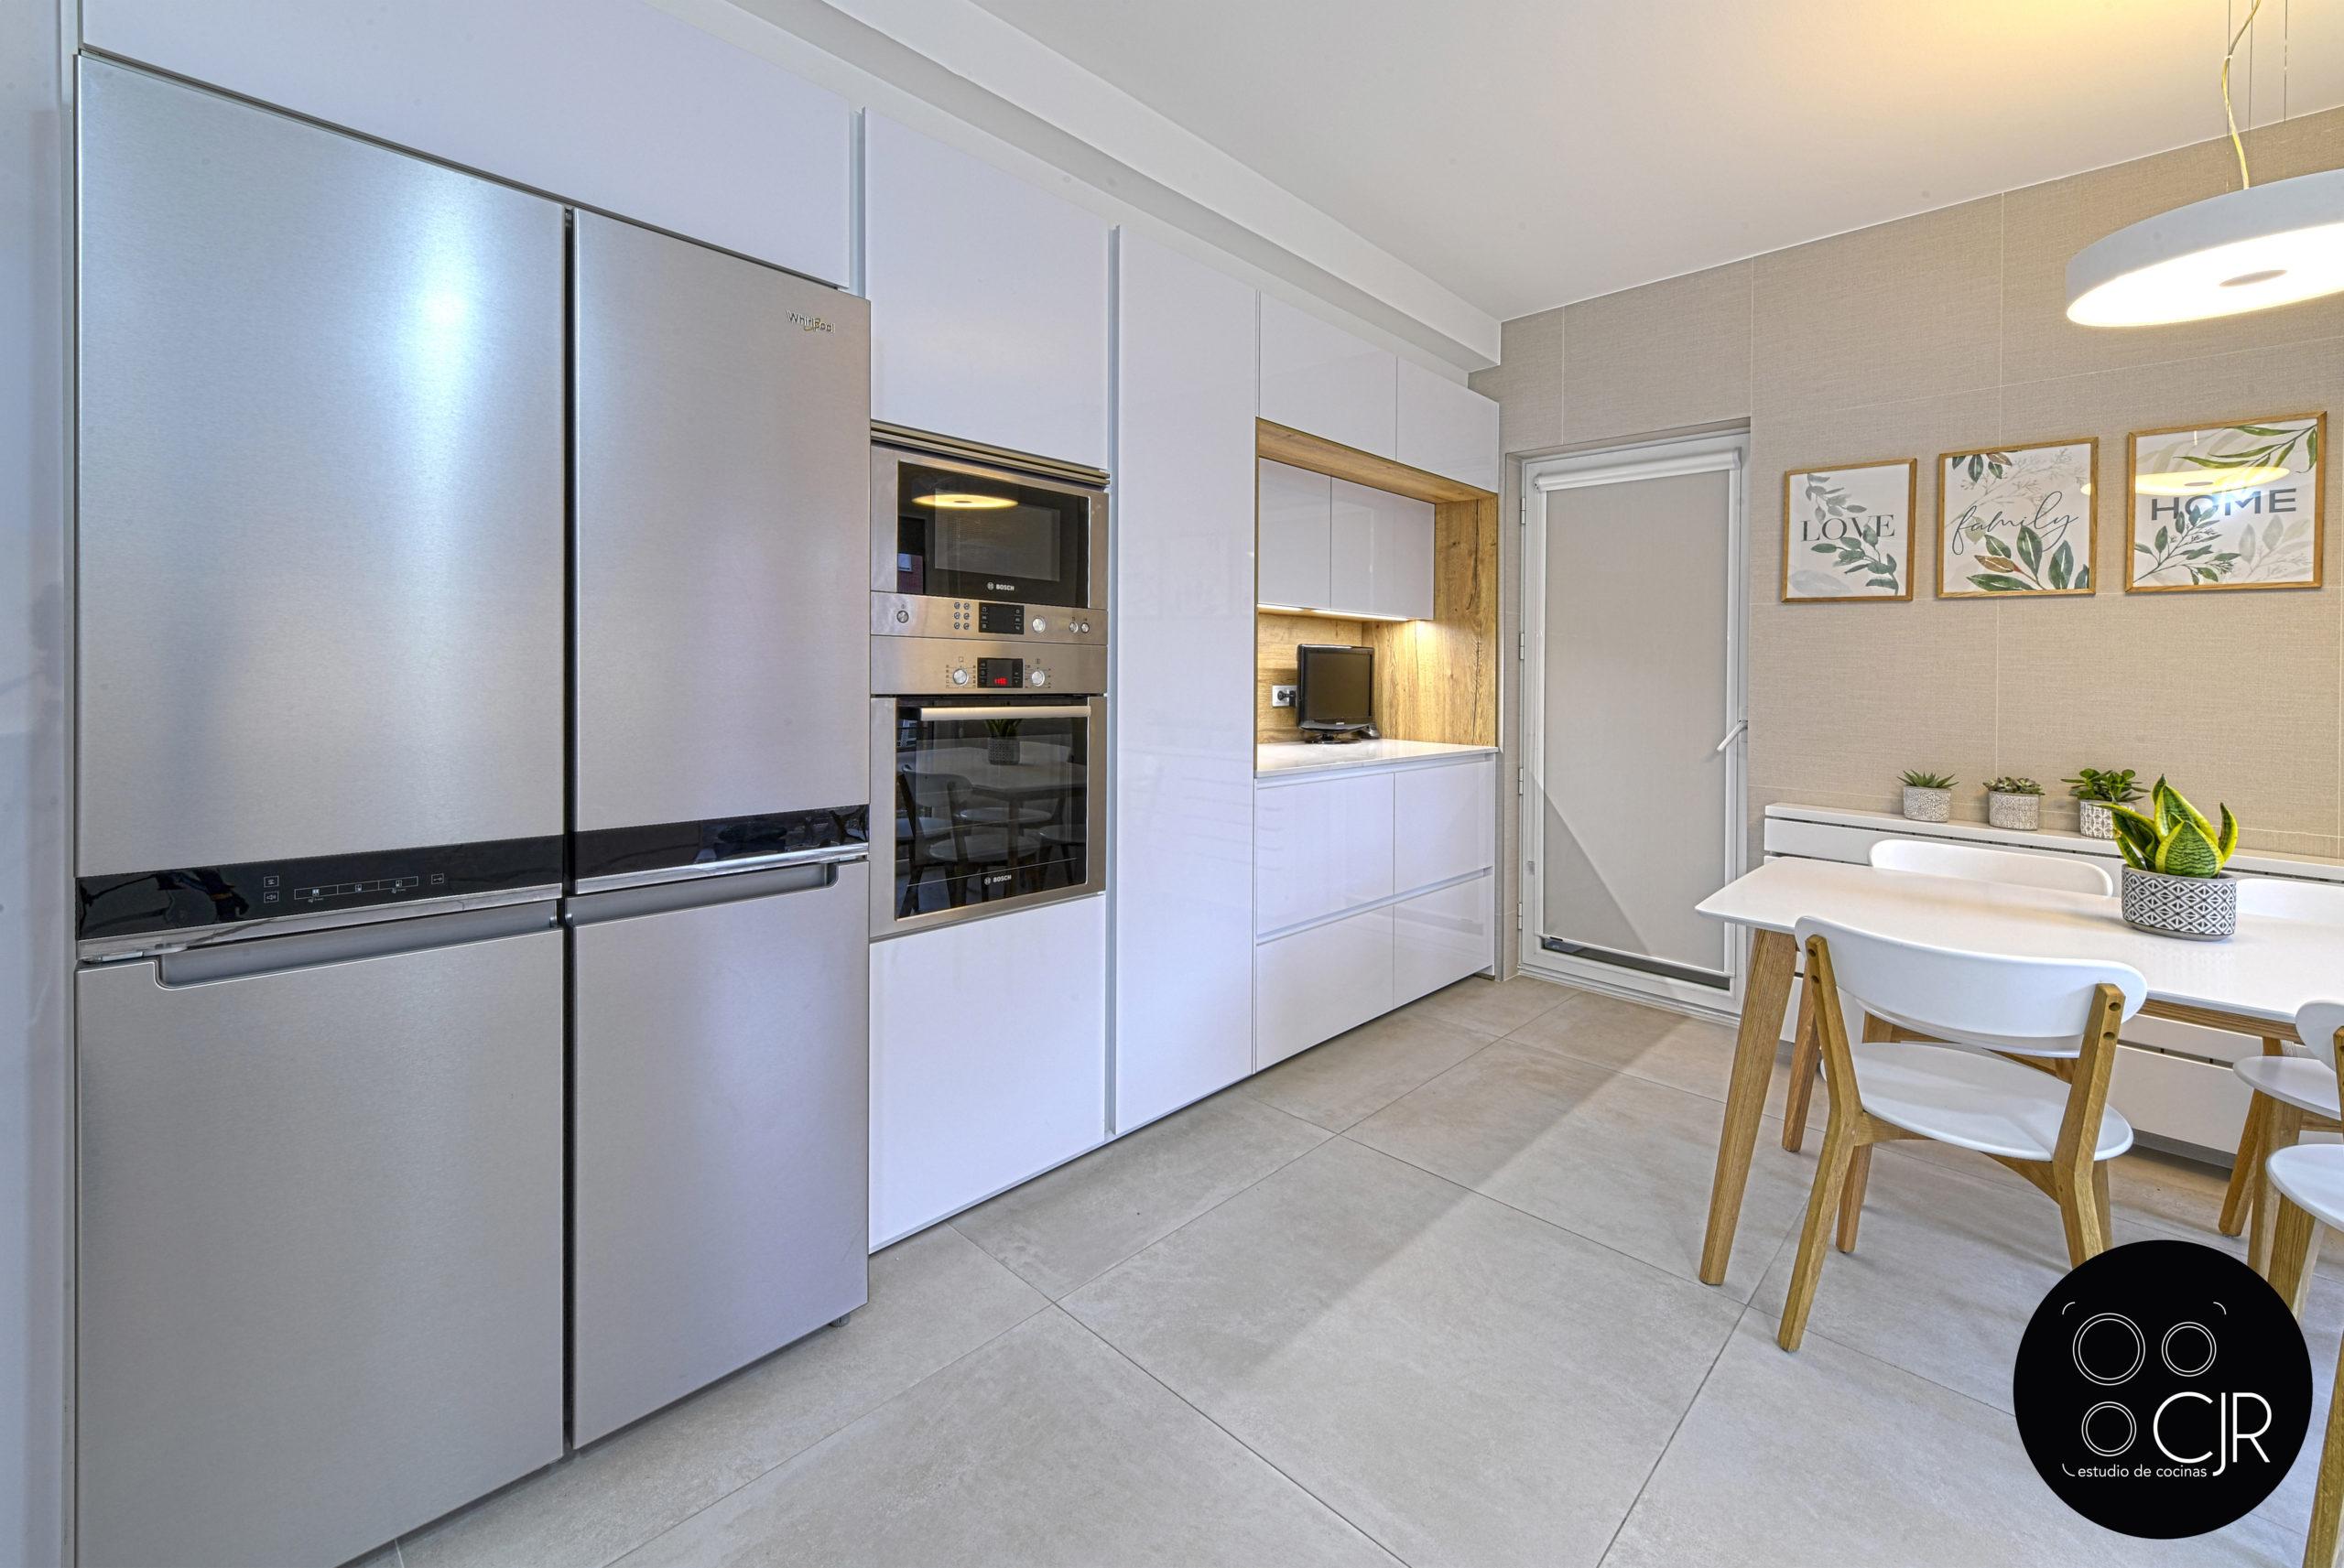 Vista general cocina blanca y madera